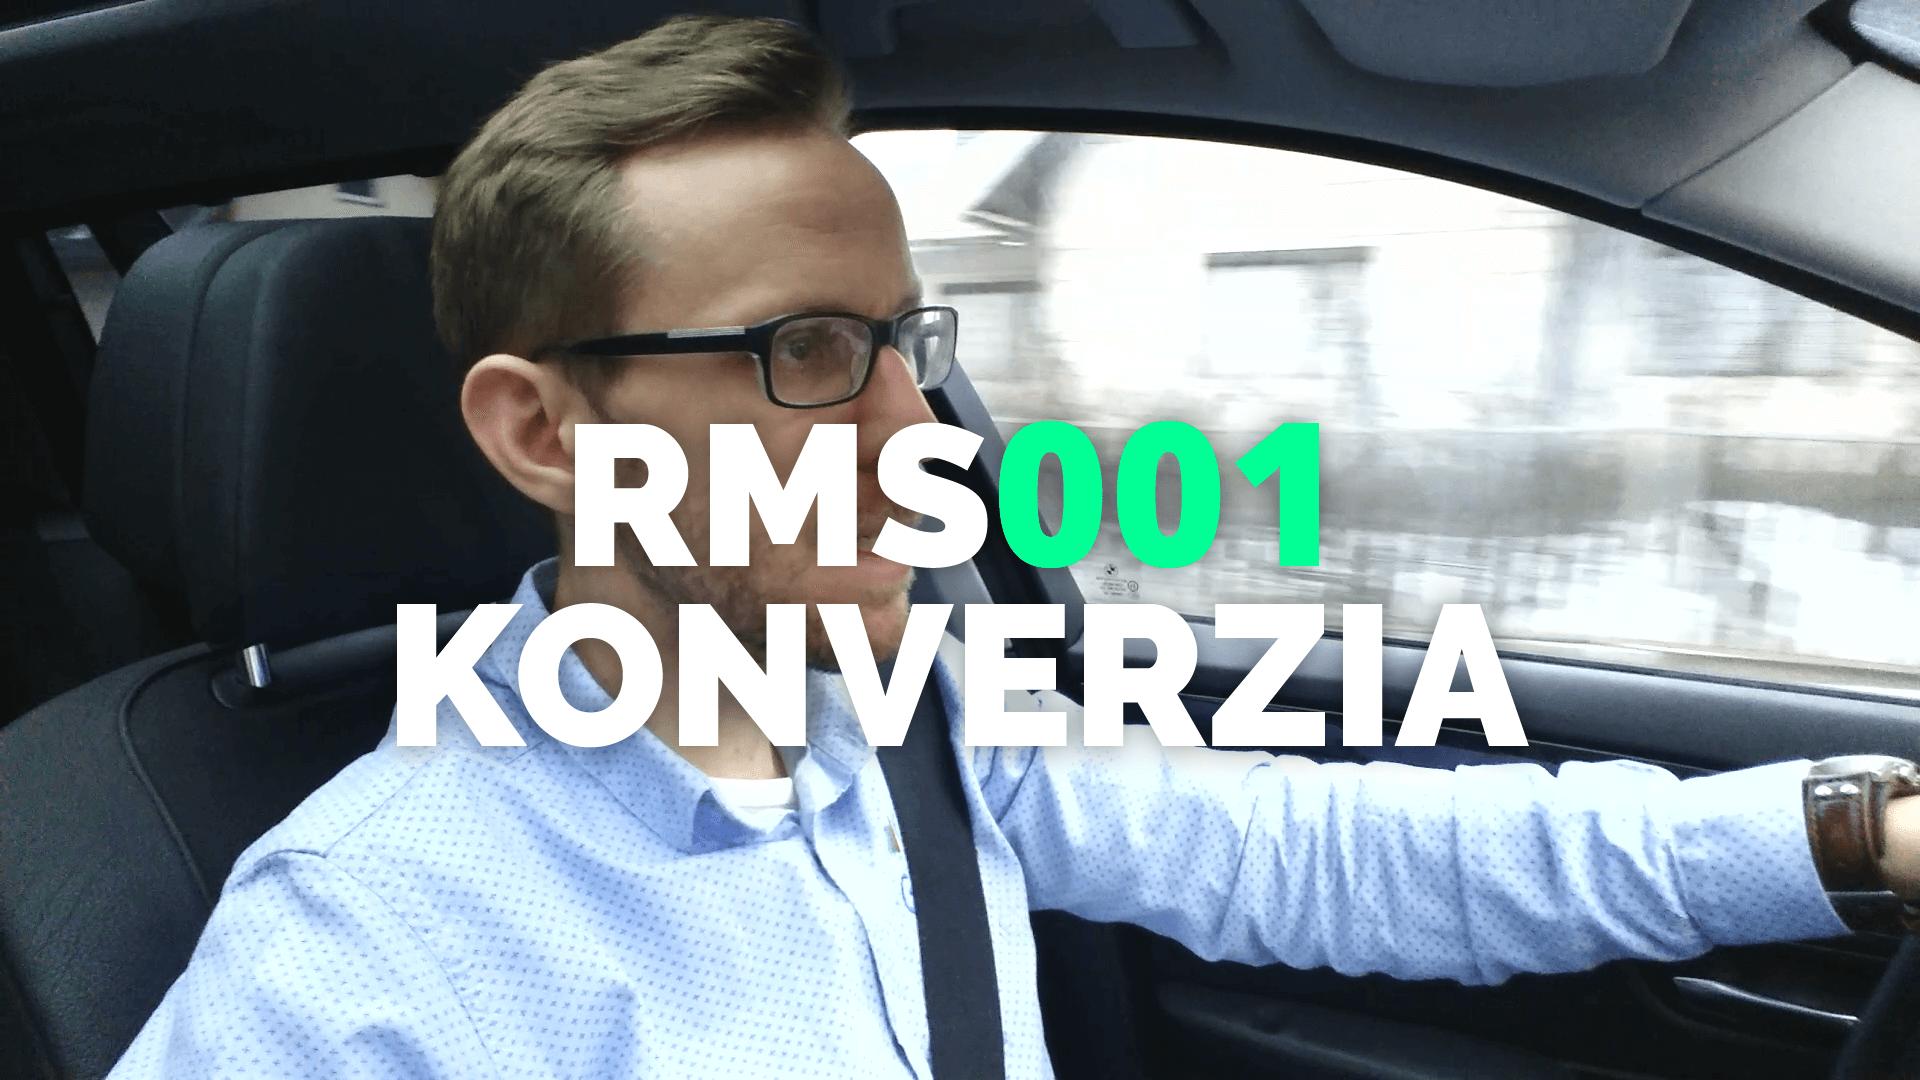 RMS001: Konverzia